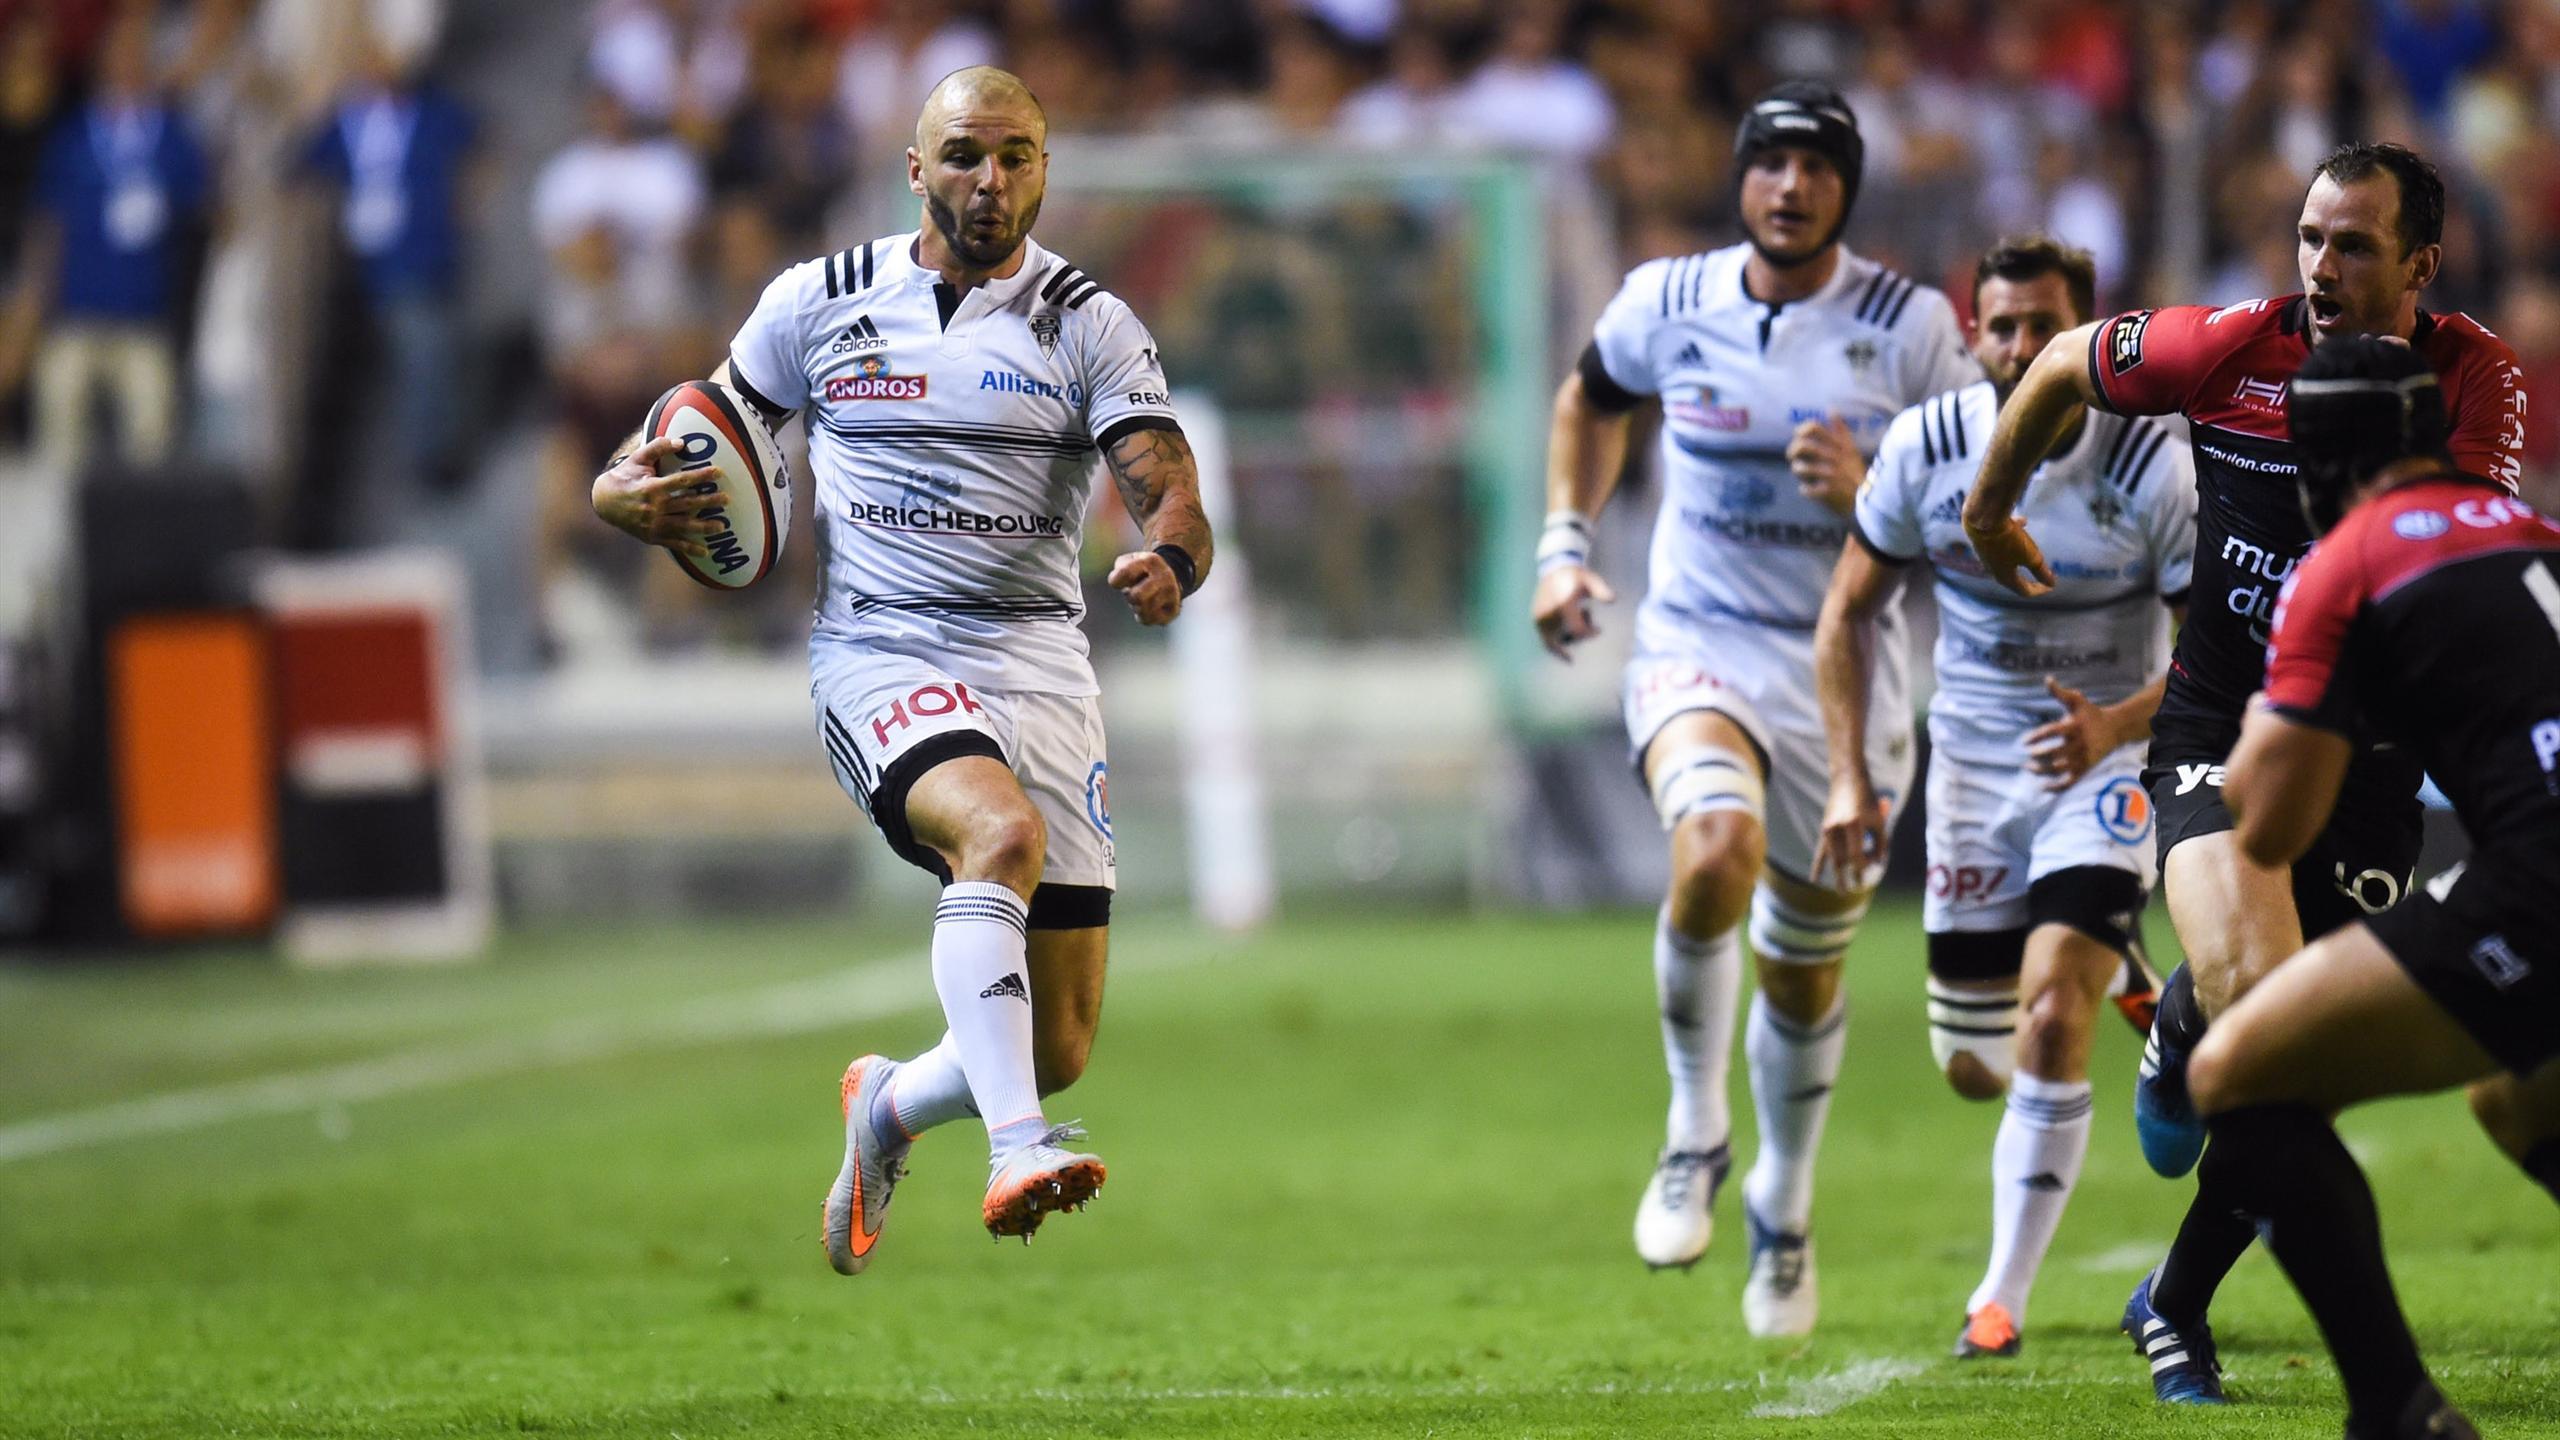 Benjamin Lapeyre (Brive) face à Toulon - 3 septembre 2016